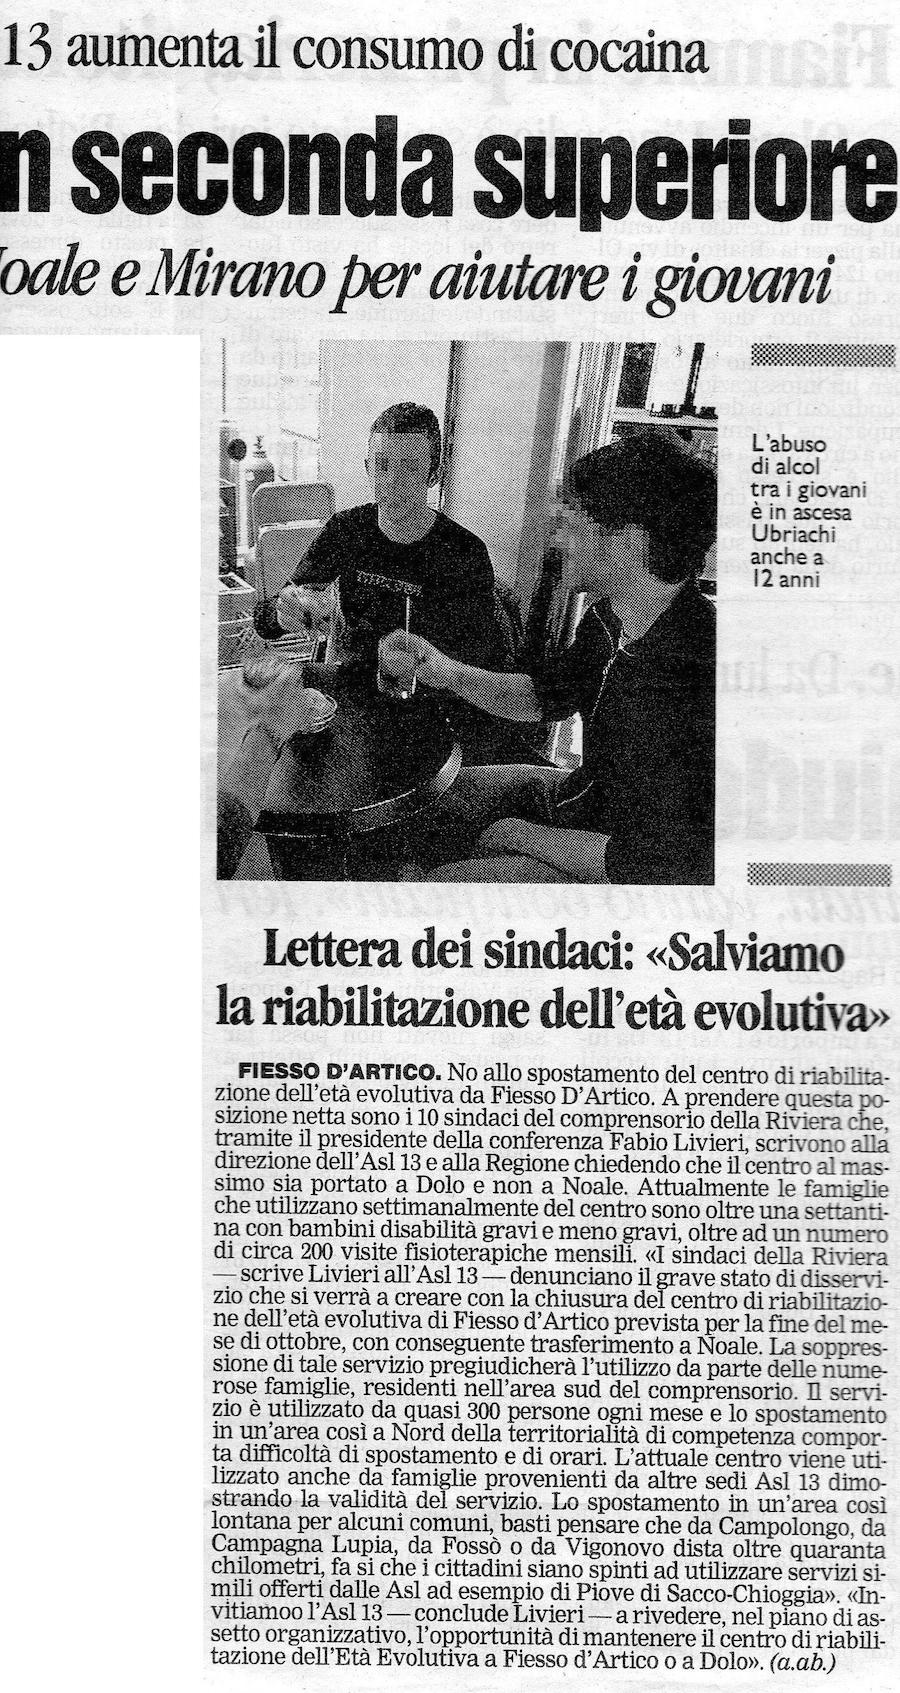 2007.10.27 La Nuova (p. 36) 2